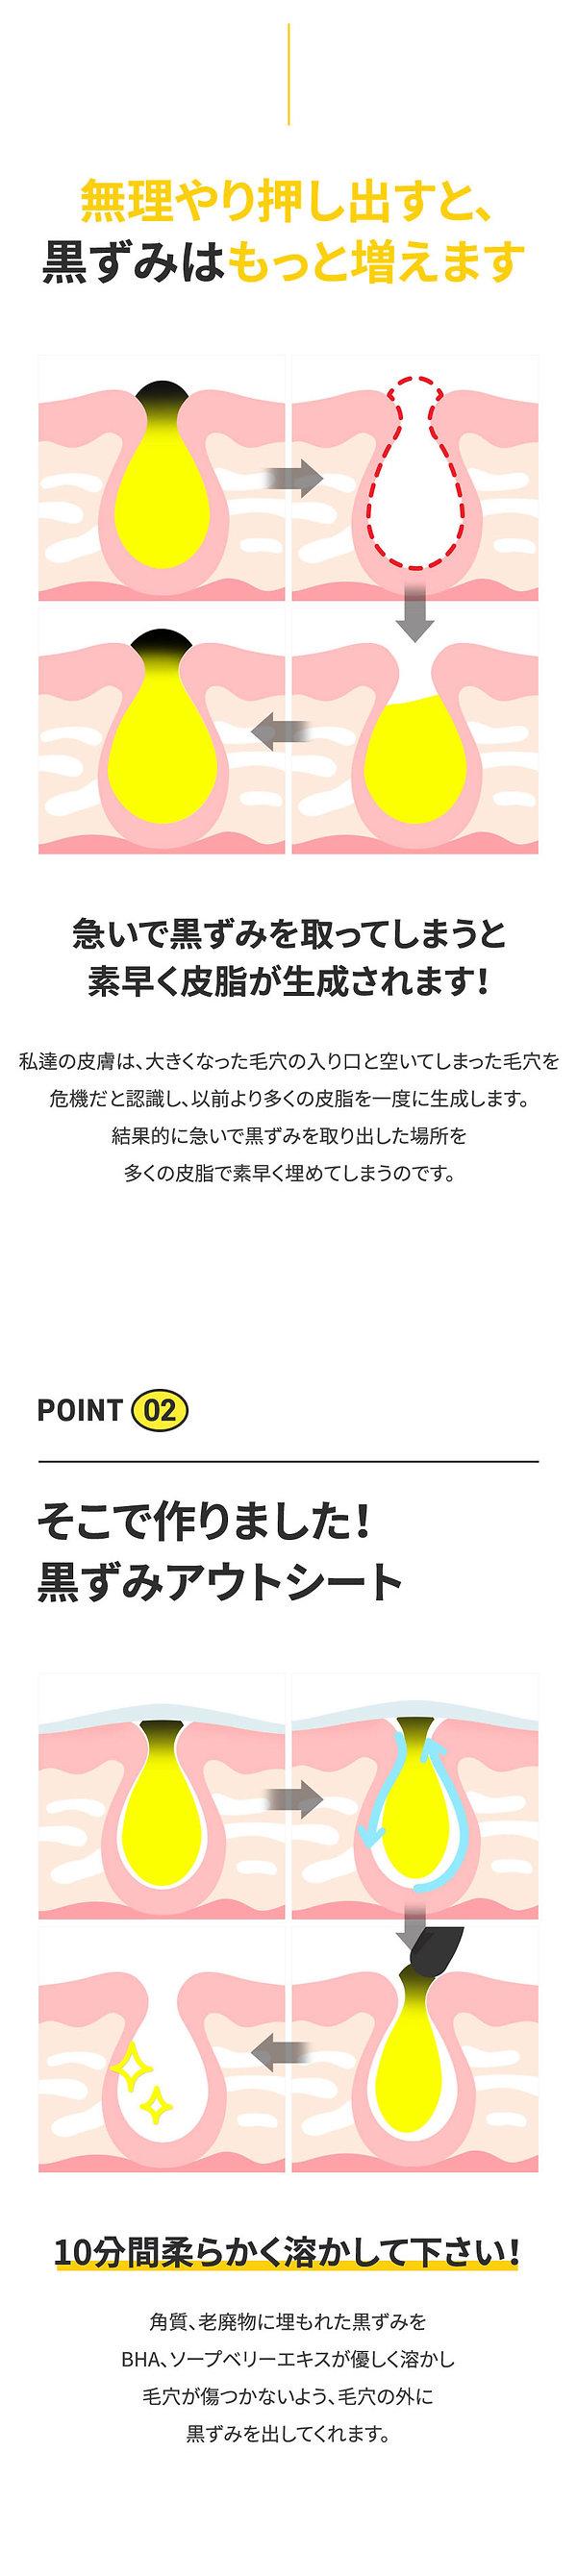 티암_-블랙헤드-아웃-시트-04.jpg